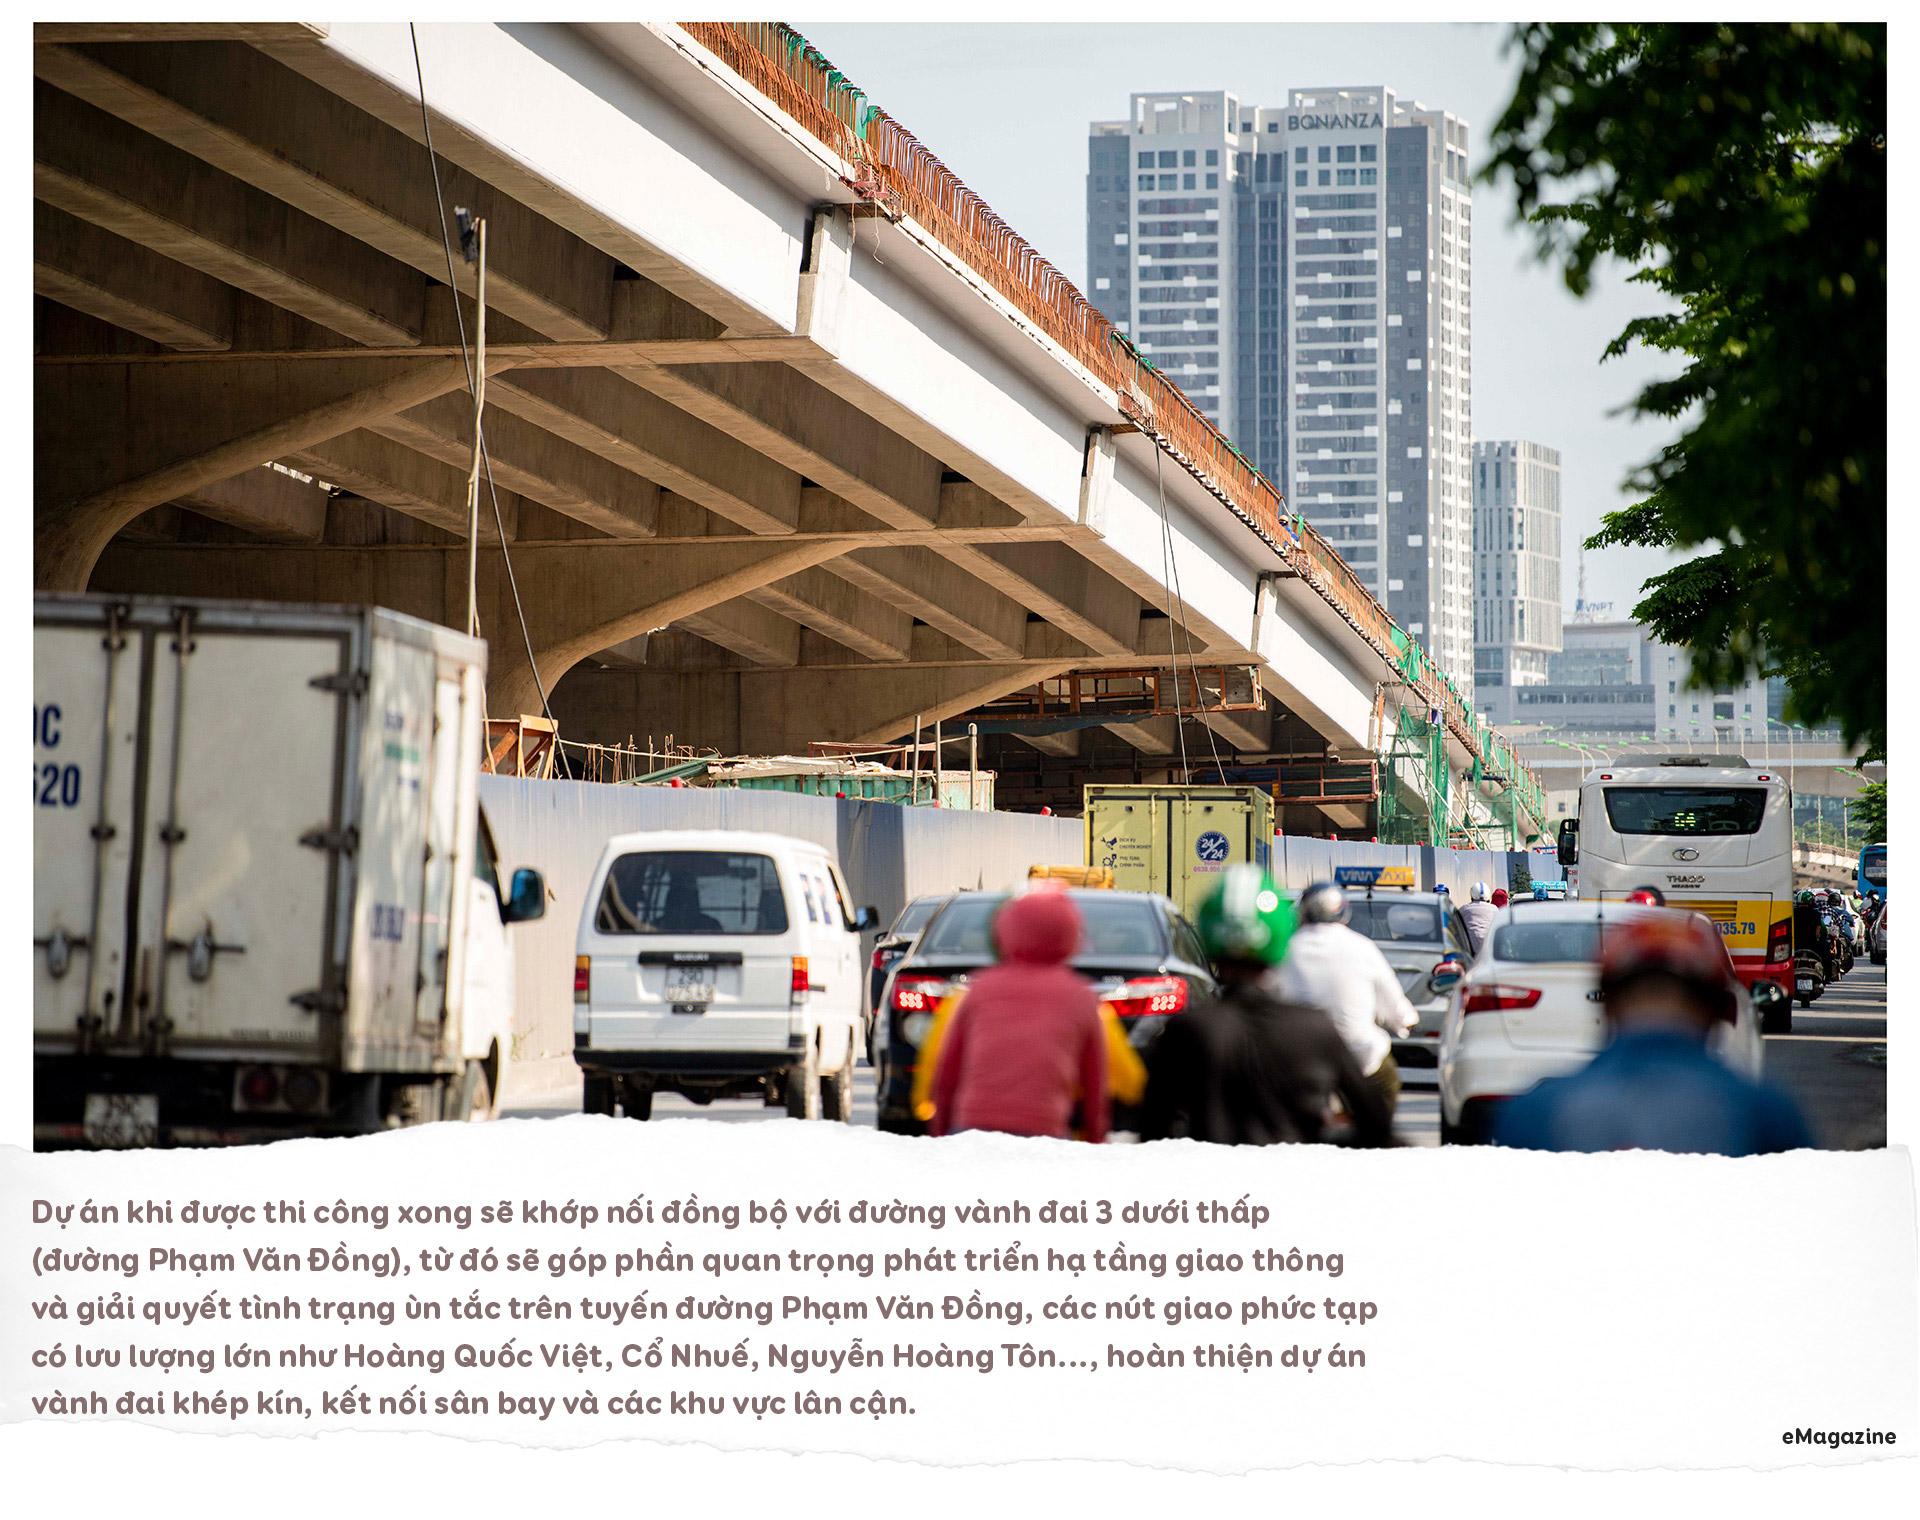 Diện mạo cầu cạn hơn 1.000 tỷ đồng/1 km nối với cây cầu 2 tầng độc nhất - 13